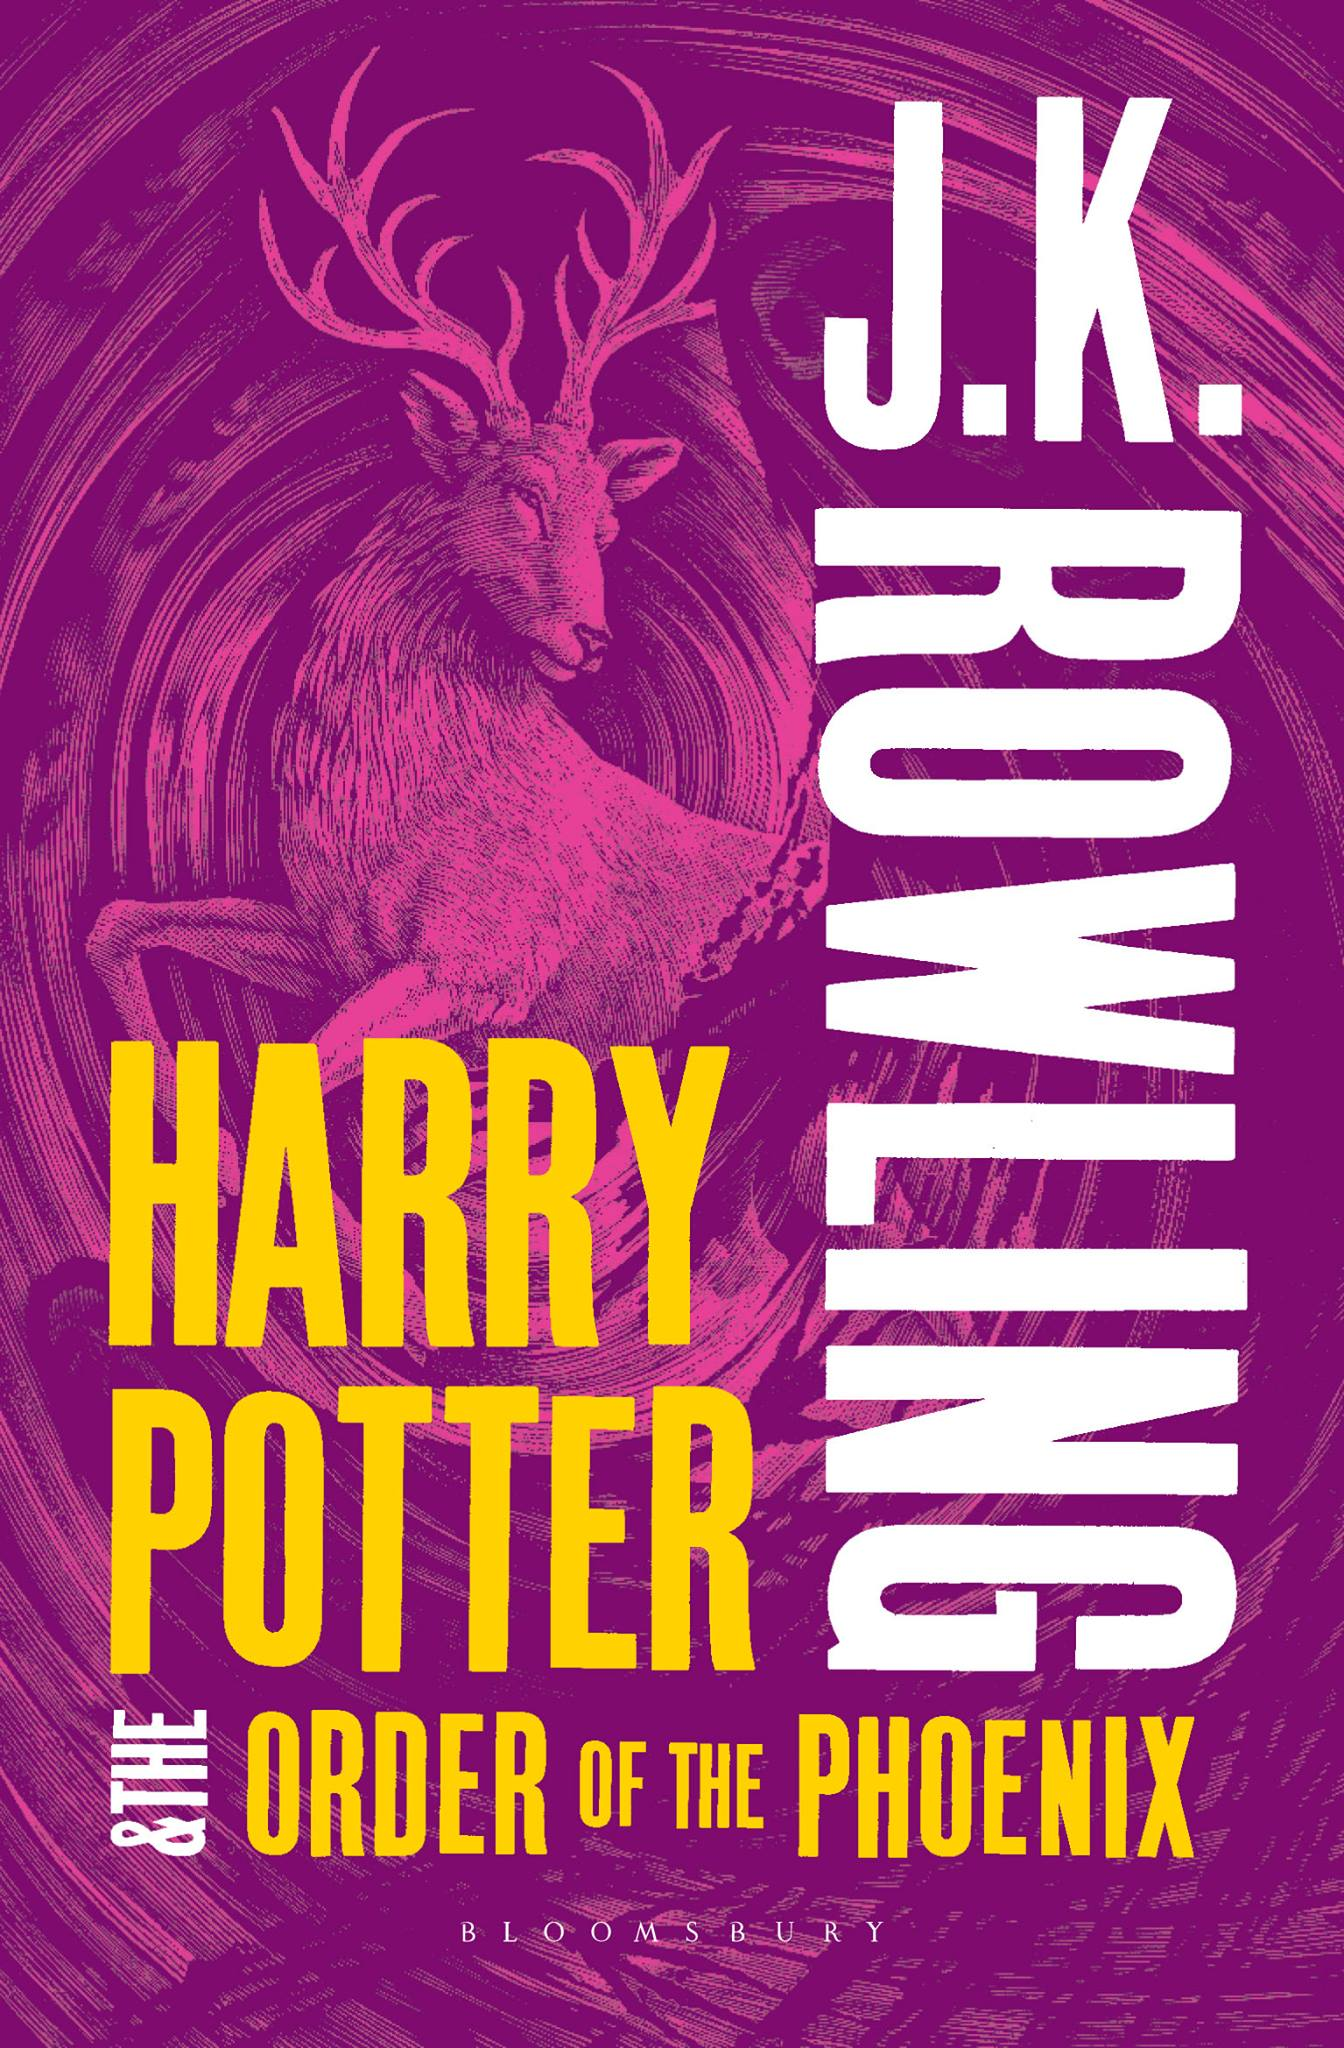 Представило новую обложку взрослого издания книги Гарри Поттер